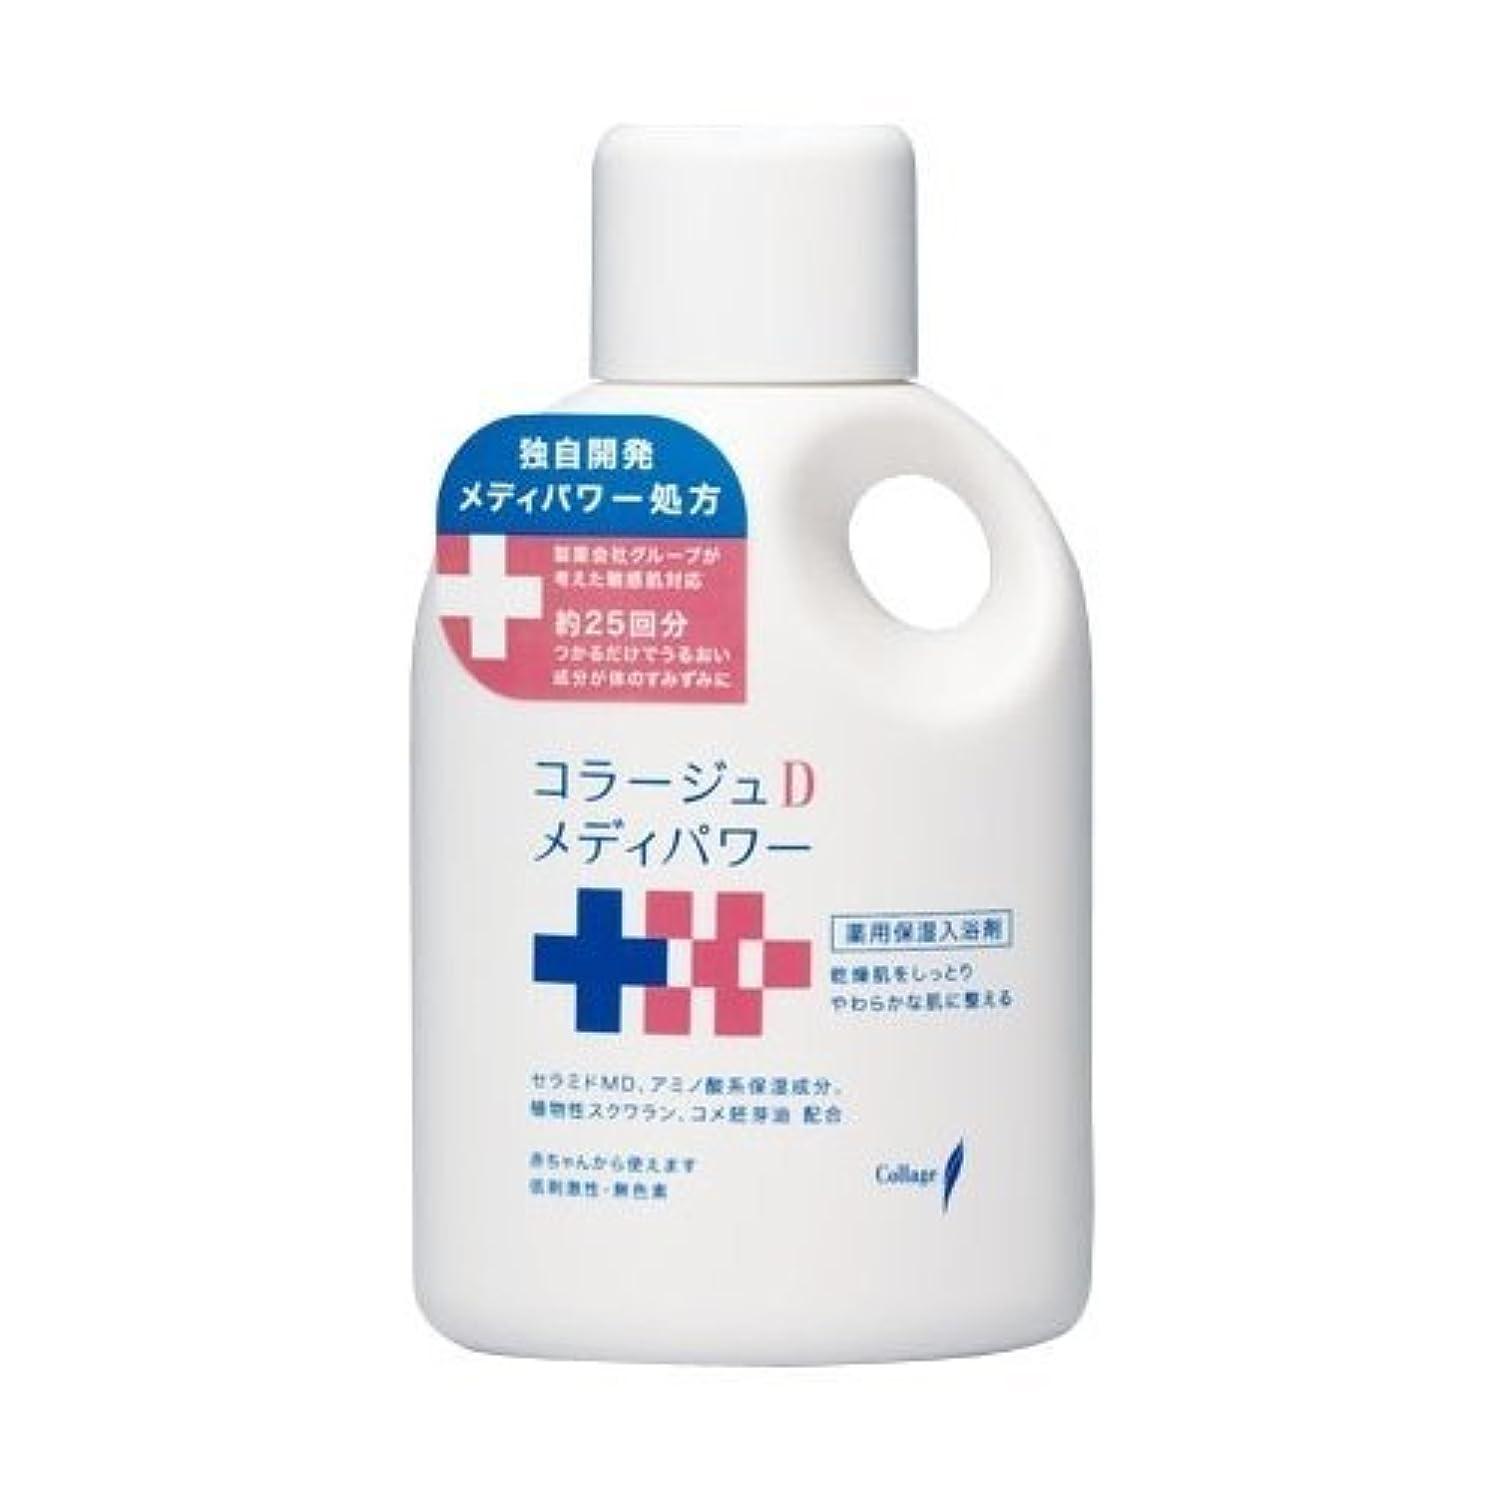 追う無謀政策コラージュ Dメディパワー 保湿入浴剤 500mL (医薬部外品)